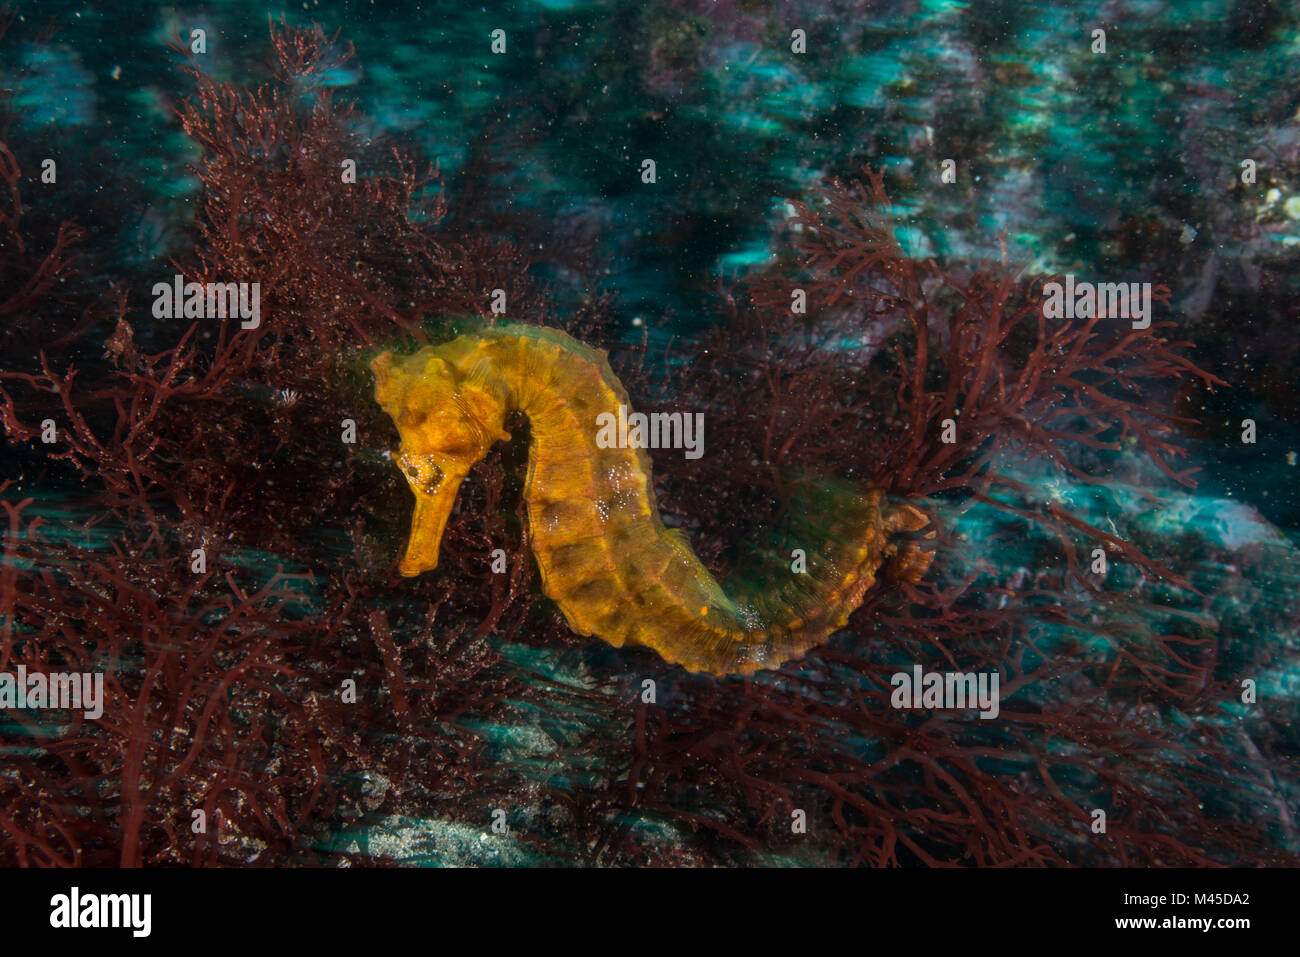 Seahorse by coral, Seymour, Galapagos, Ecuador, South America - Stock Image